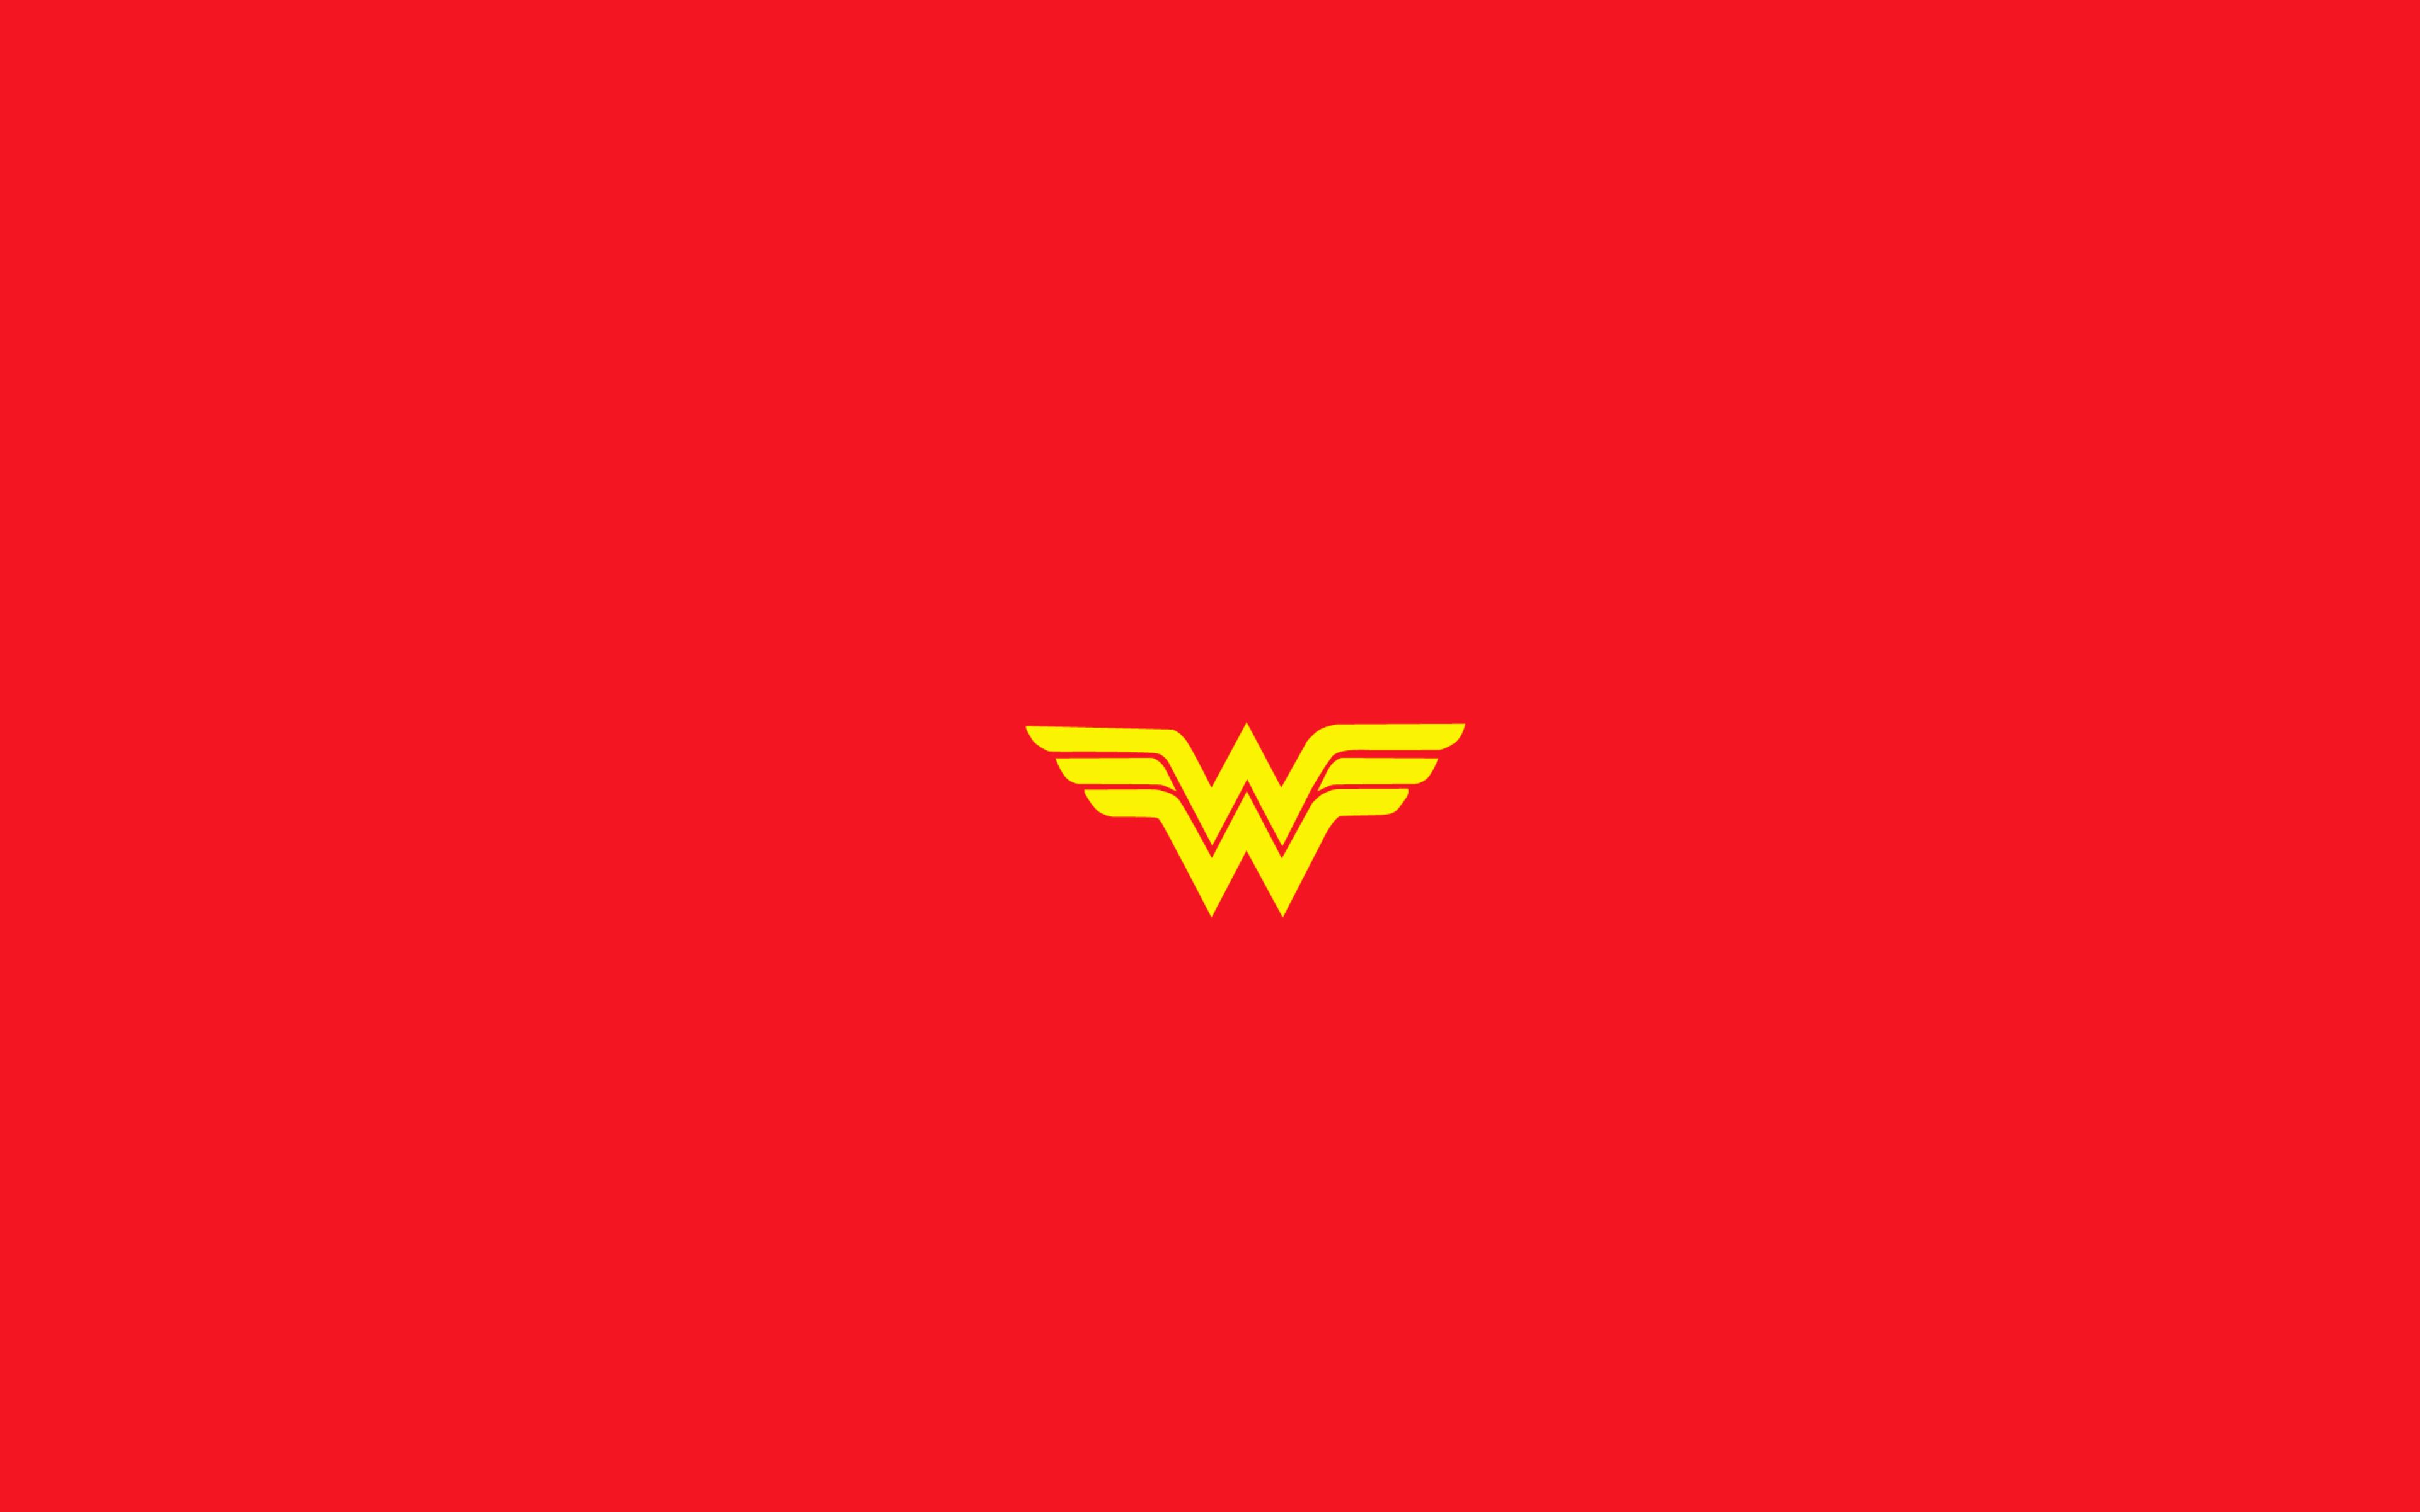 Wonder Woman Logo Wallpaper 61 Images: 3840x2400 Wonder Woman Logo 4k HD 4k Wallpapers, Images